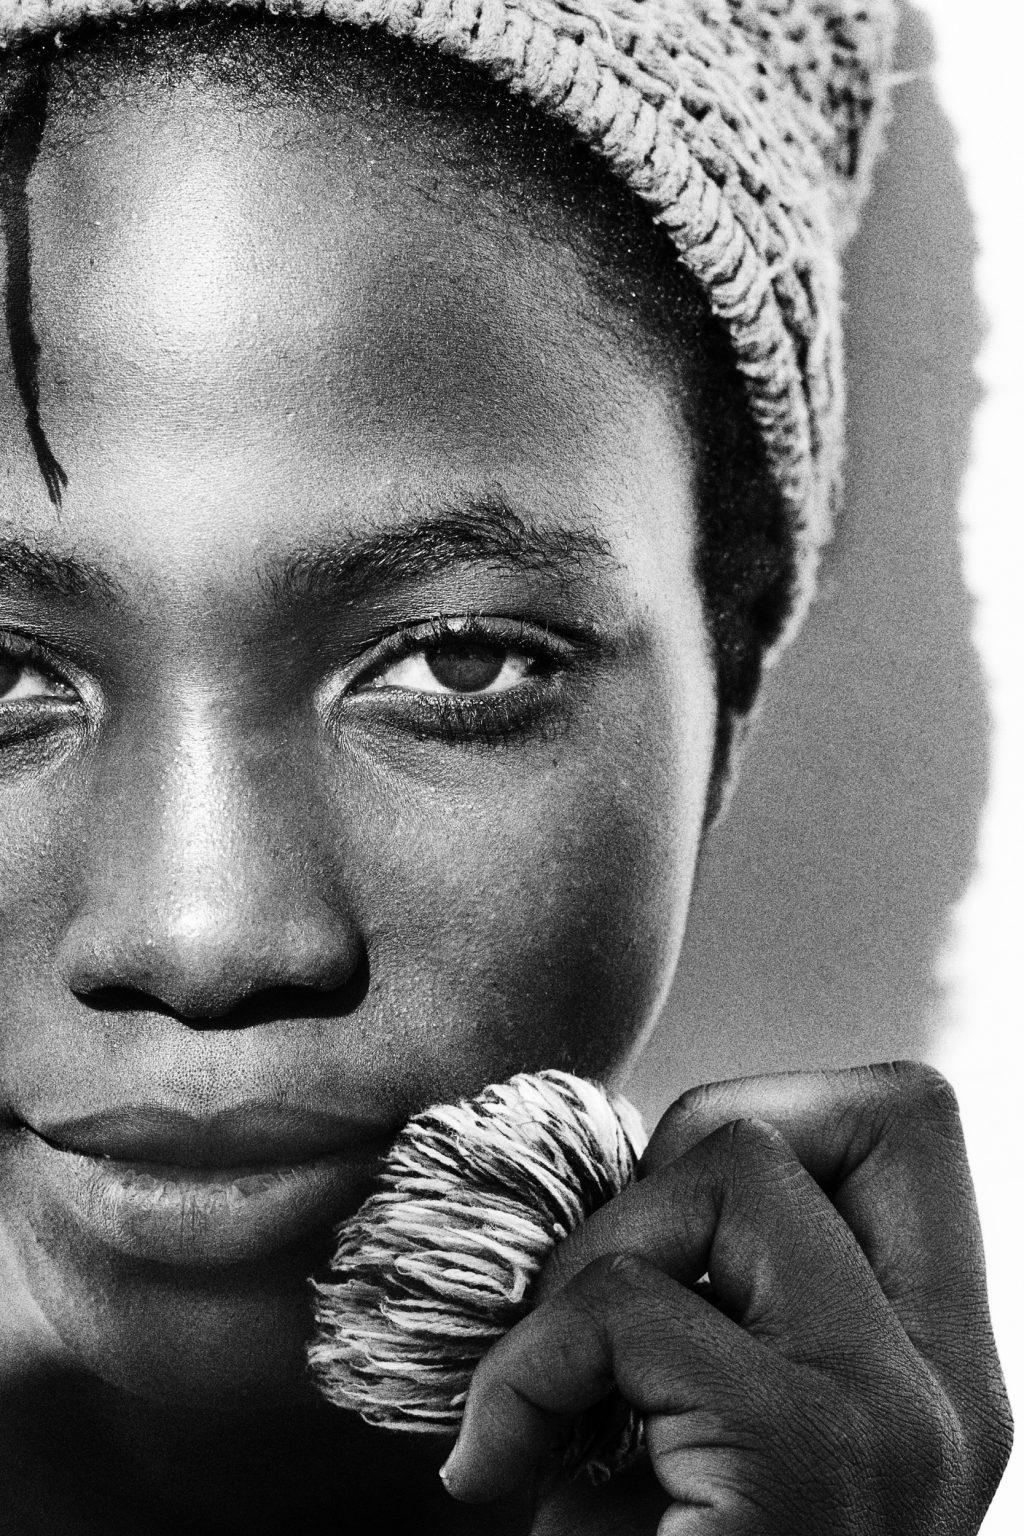 lonjedzani è una comunità che collabora con Mthunzi formata solo da ragazze.